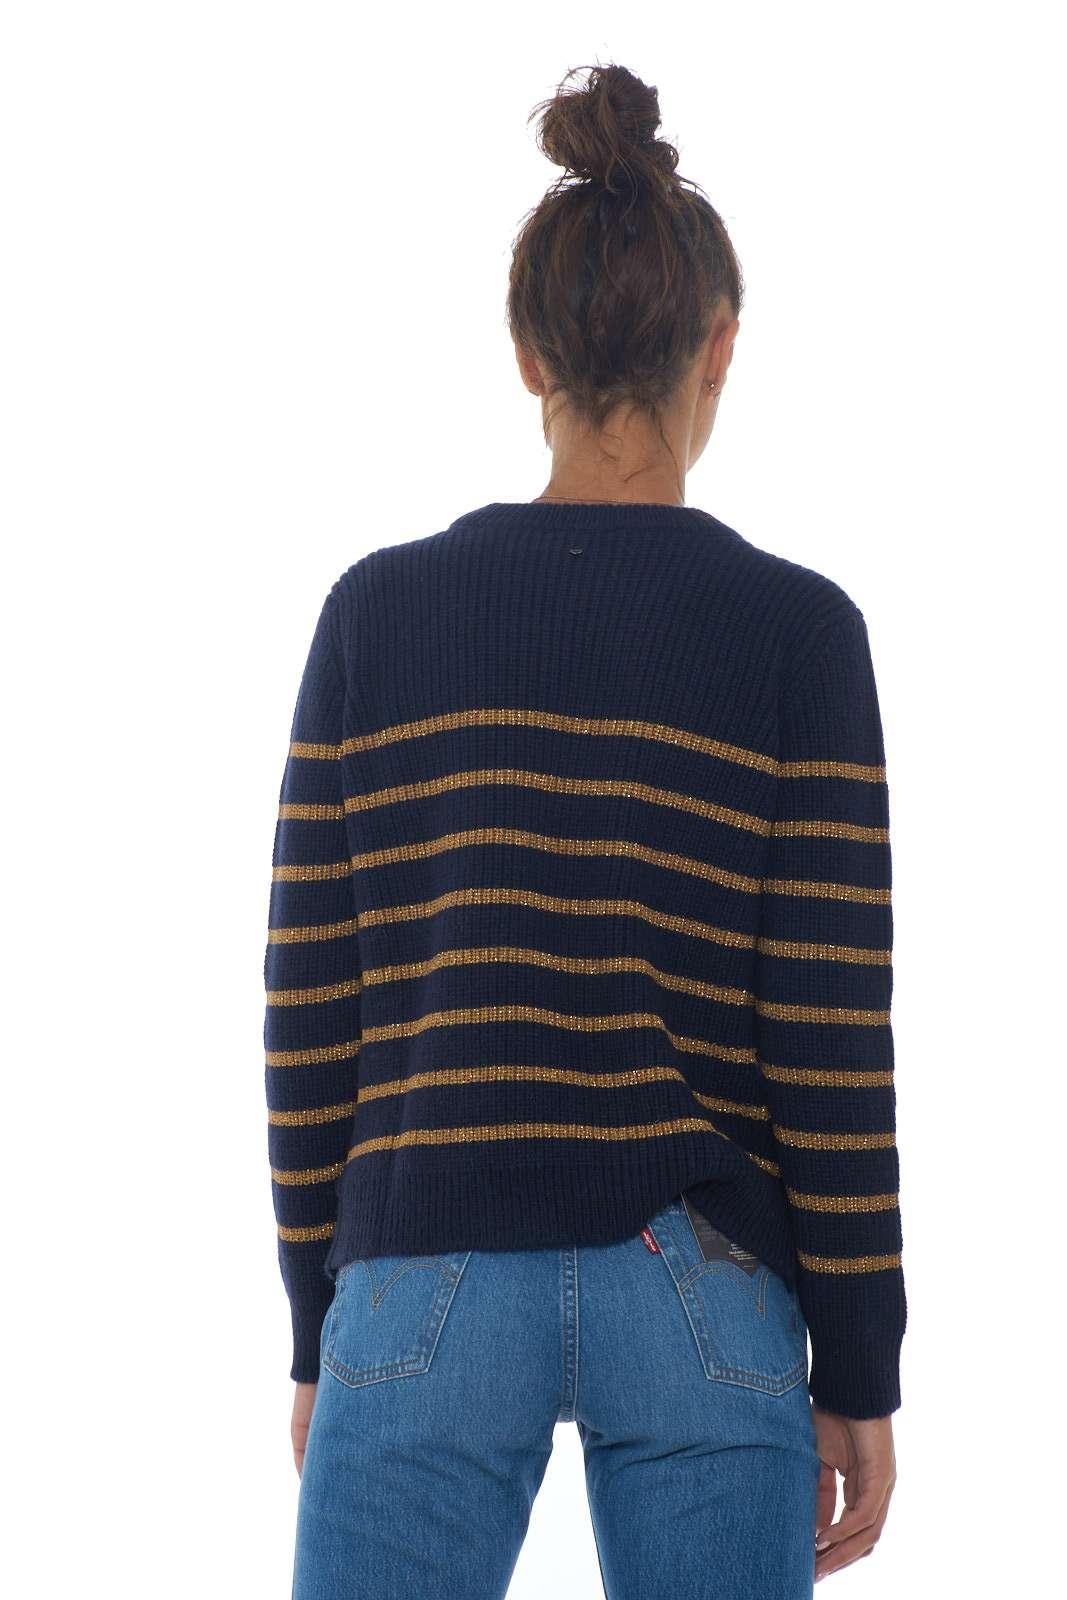 https://www.parmax.com/media/catalog/product/a/i/AI-outlet_parmax-maglia-donna-Twin-Set-192TT3360-C.jpg